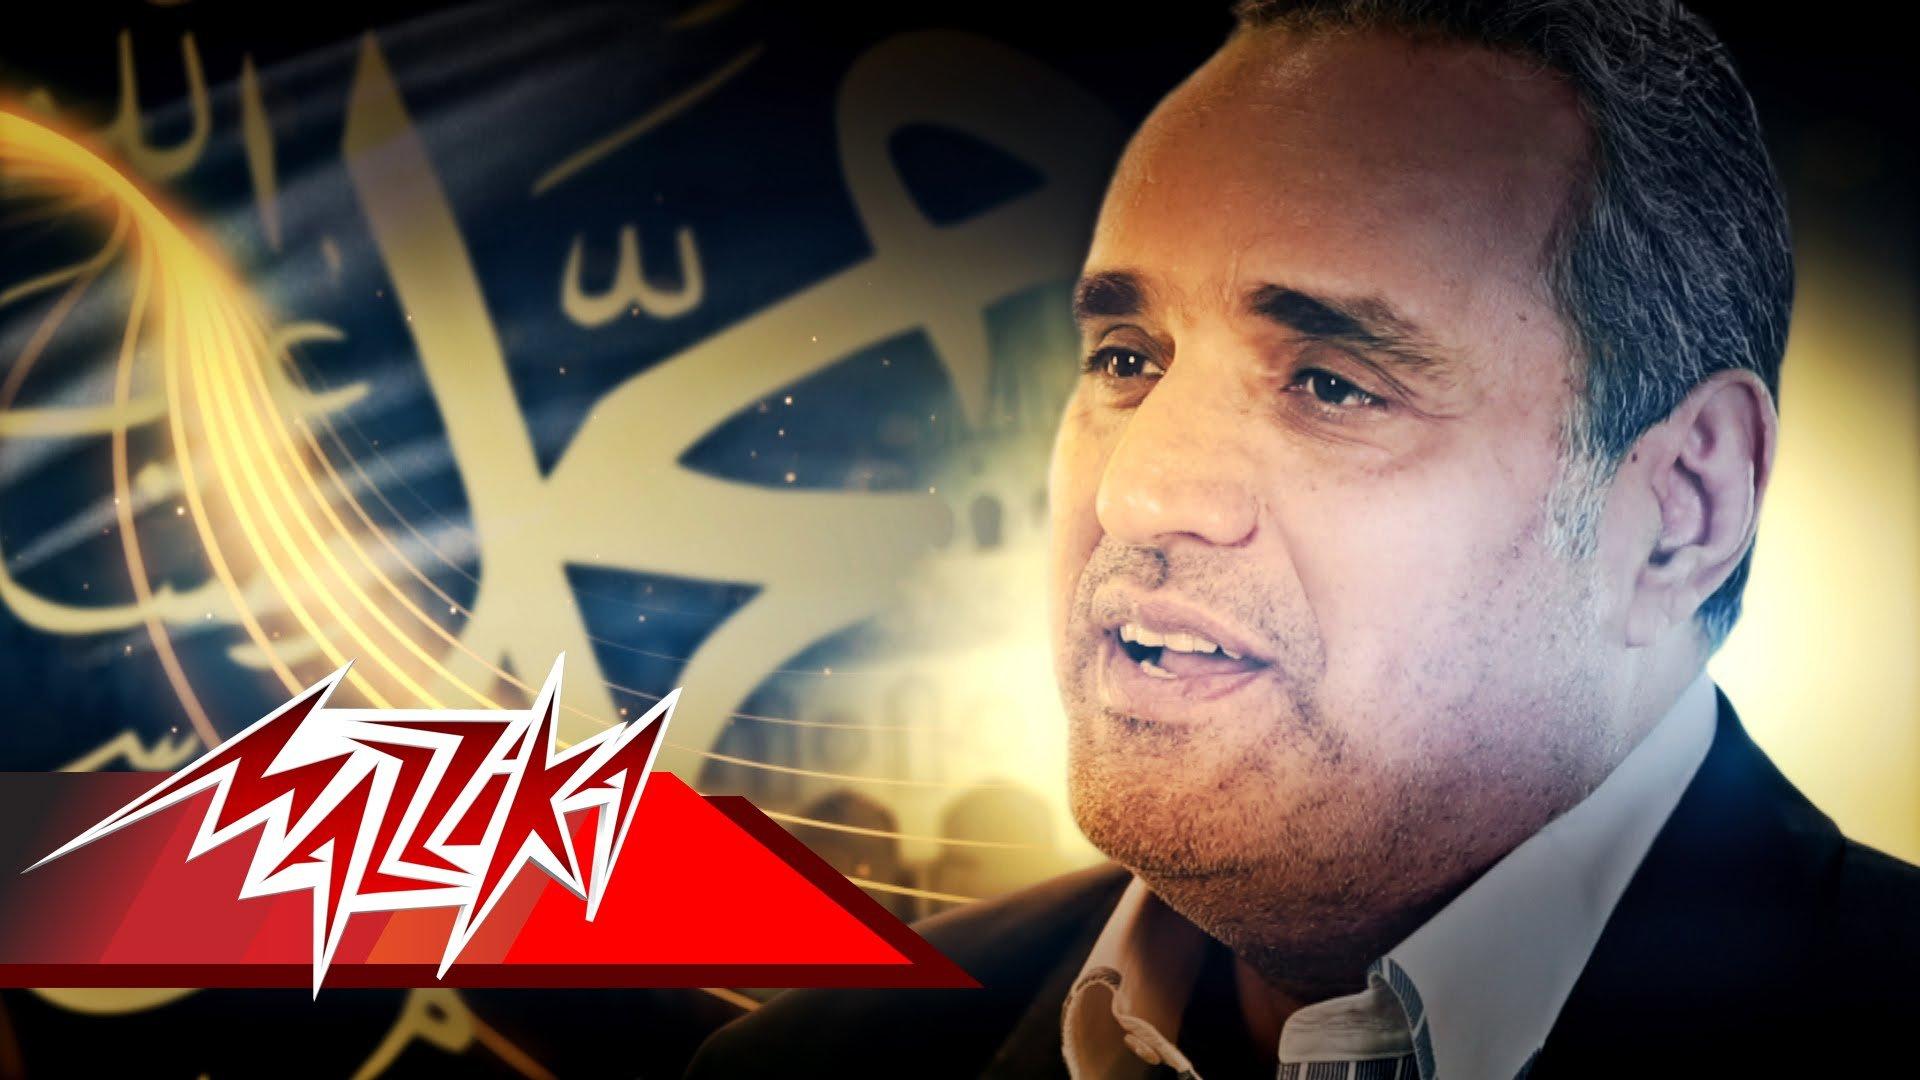 تامر حسني يتدخل لعلاج مطرب مصري